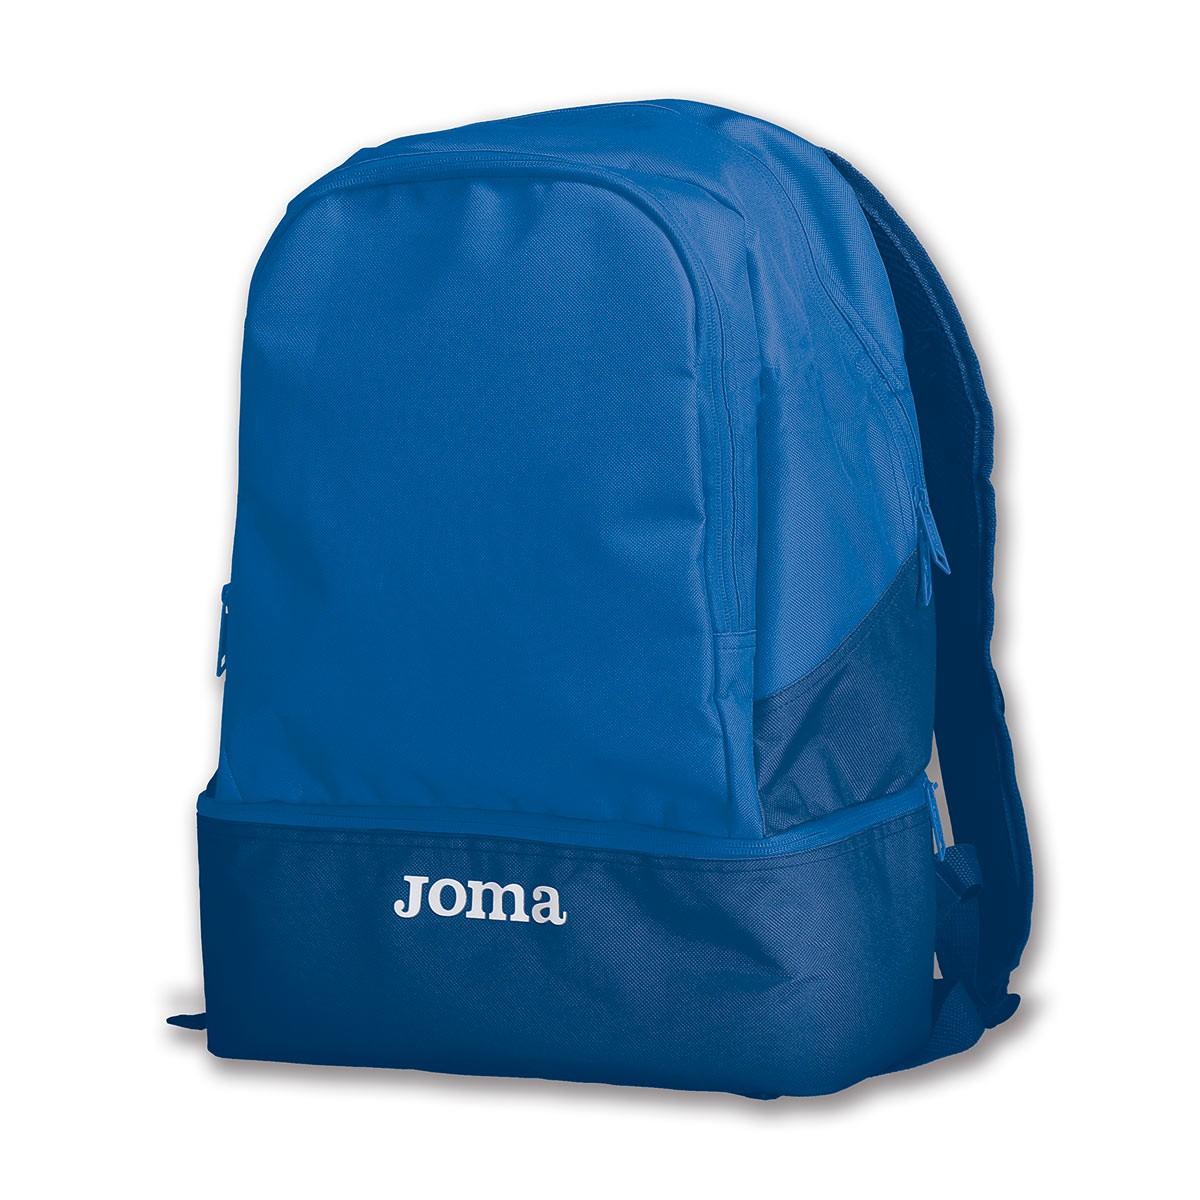 seleccione para el más nuevo comprar nueva productos Mochila Joma Estadio III